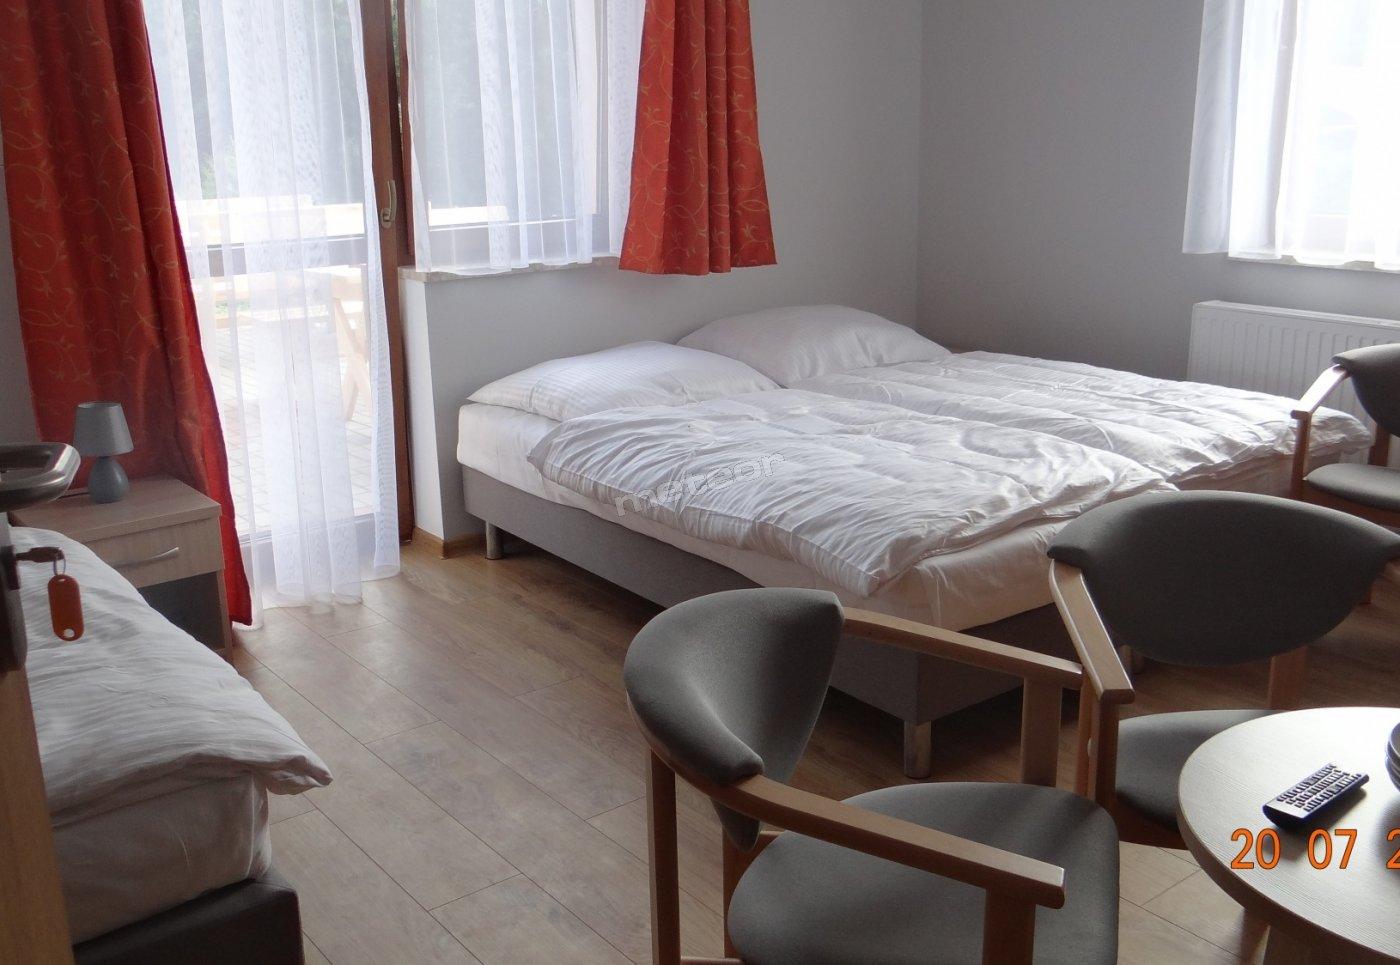 Pokój w obiekcie Willa Maczek.